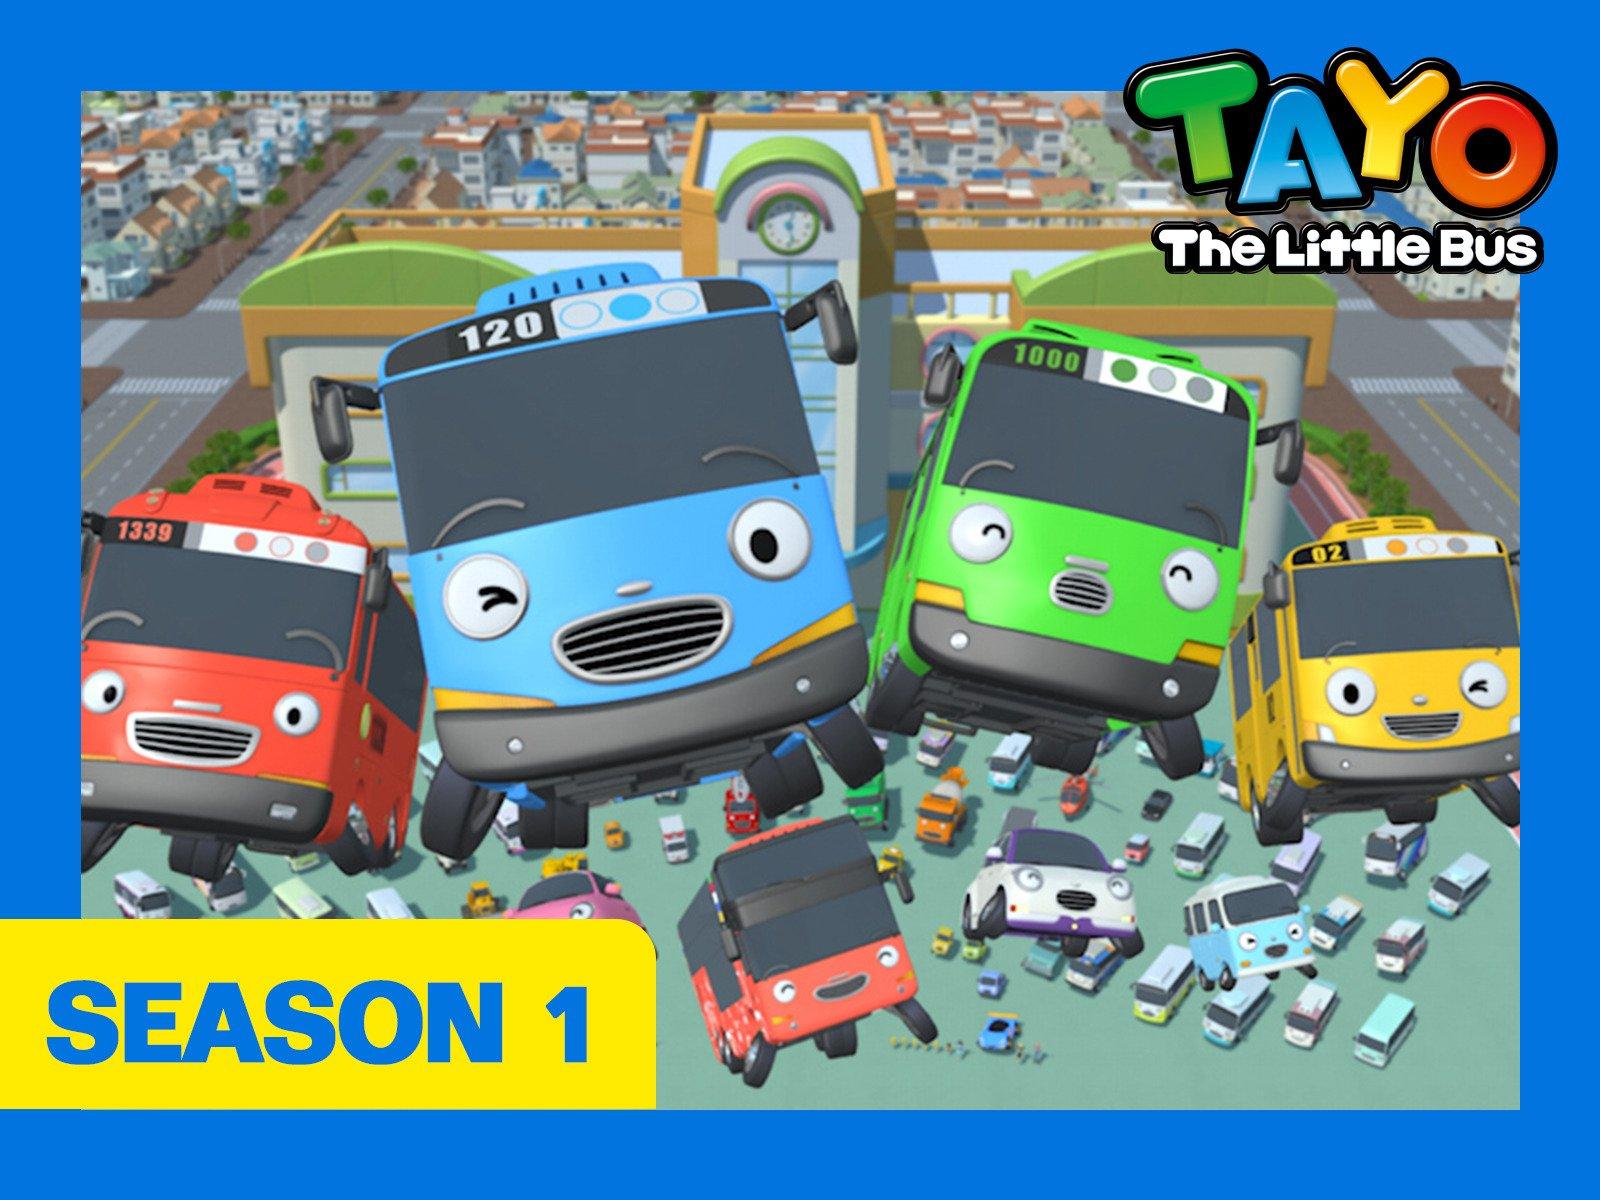 Tayo the Little Bus - Season 1